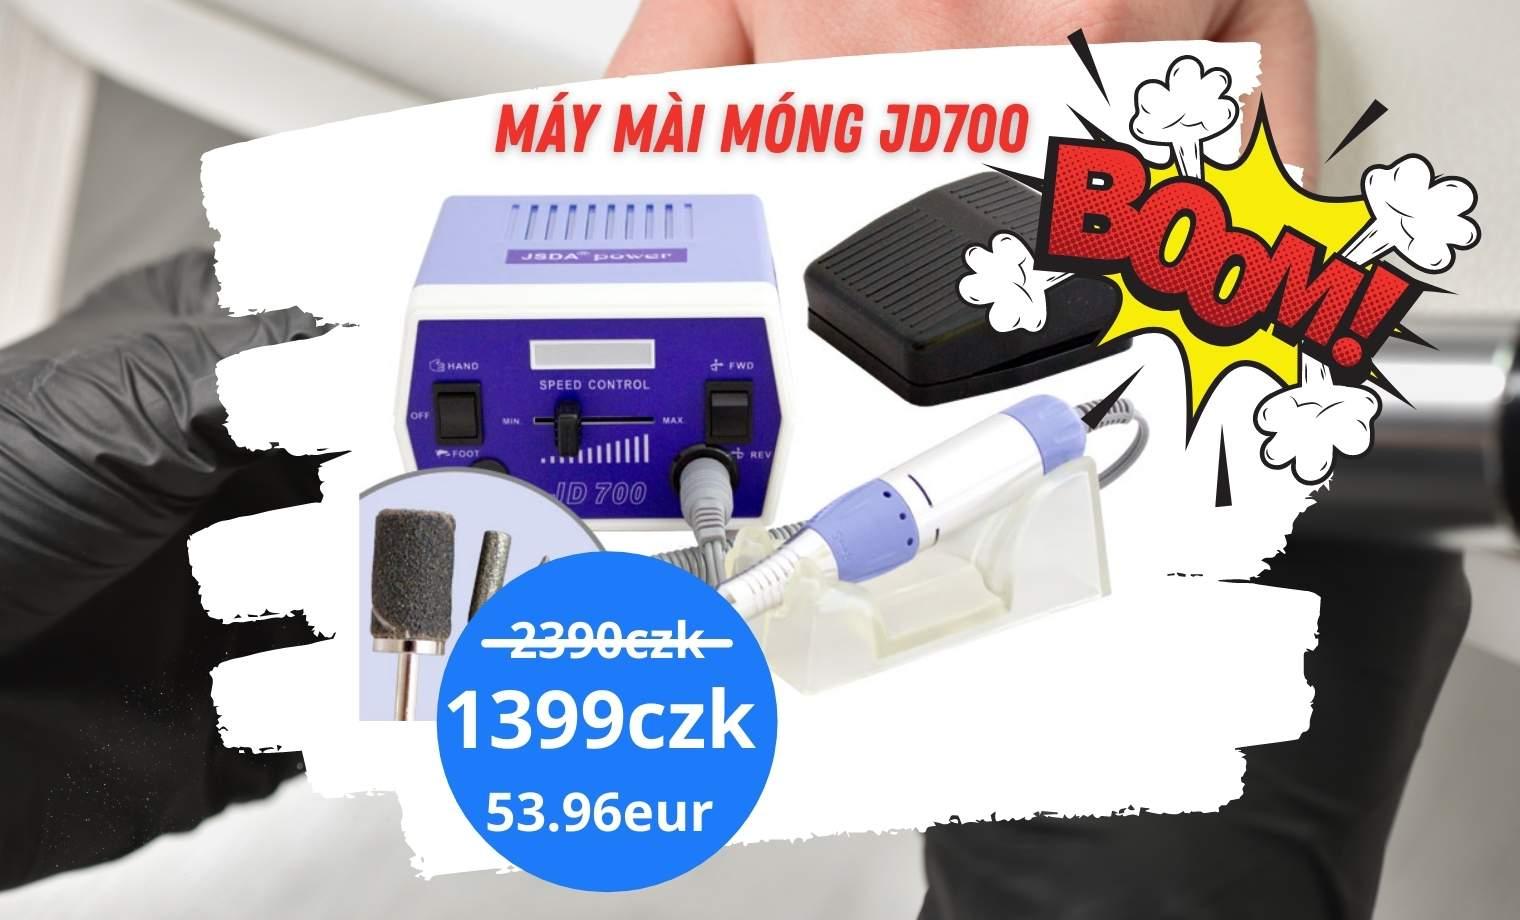 Máy mài móng JD700